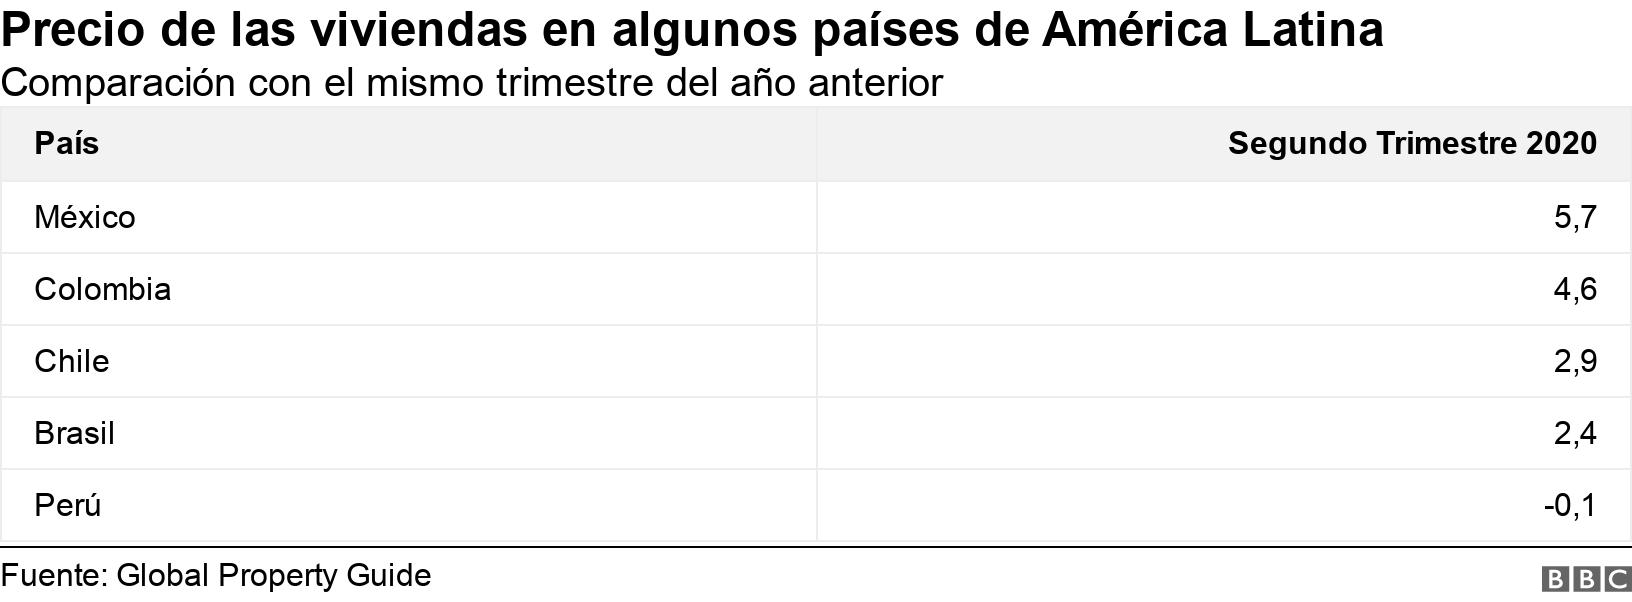 Precio de las viviendas en algunos países de América Latina. Comparación con el mismo trimestre del año anterior.  .